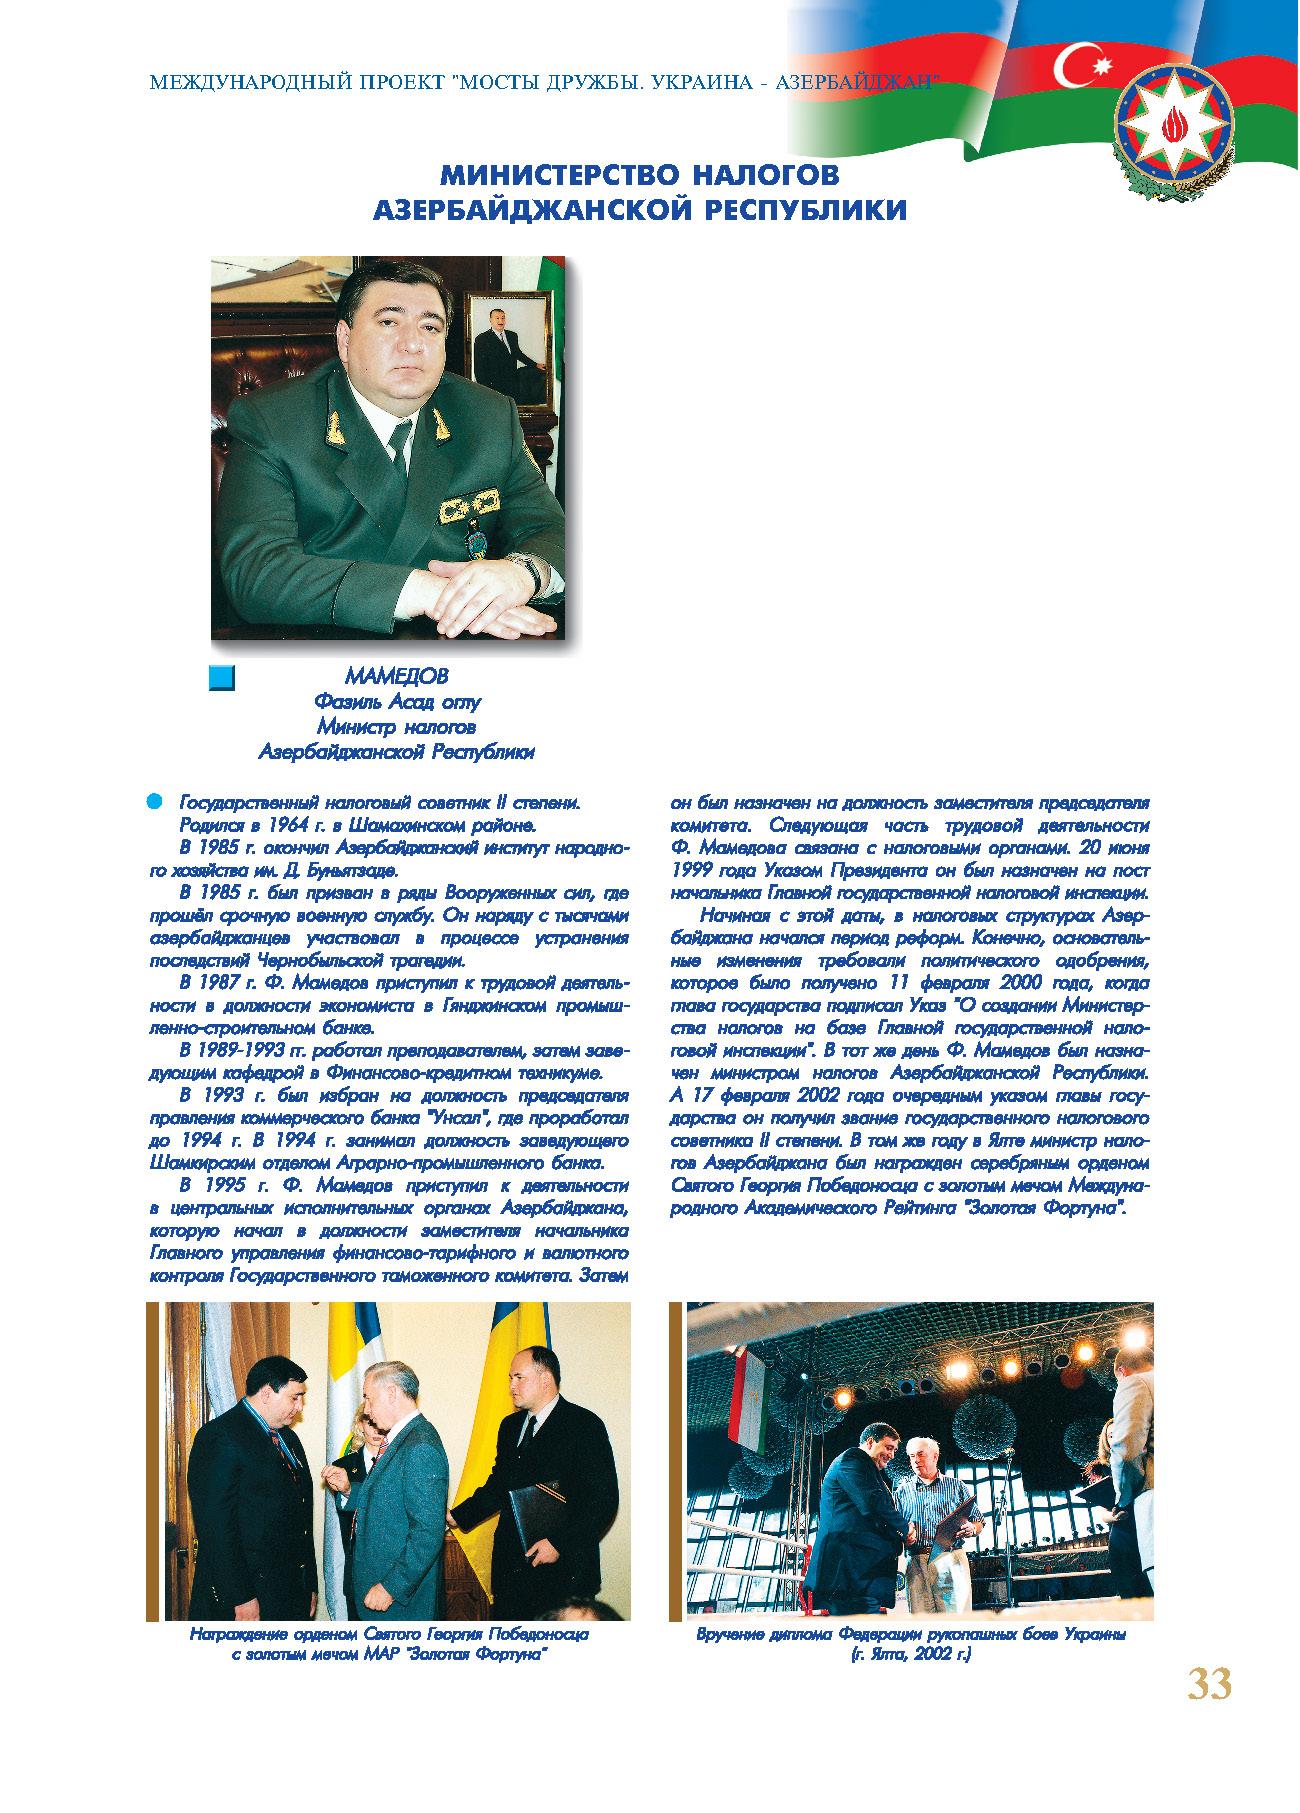 Министерство налогов Азербайджанской Республики